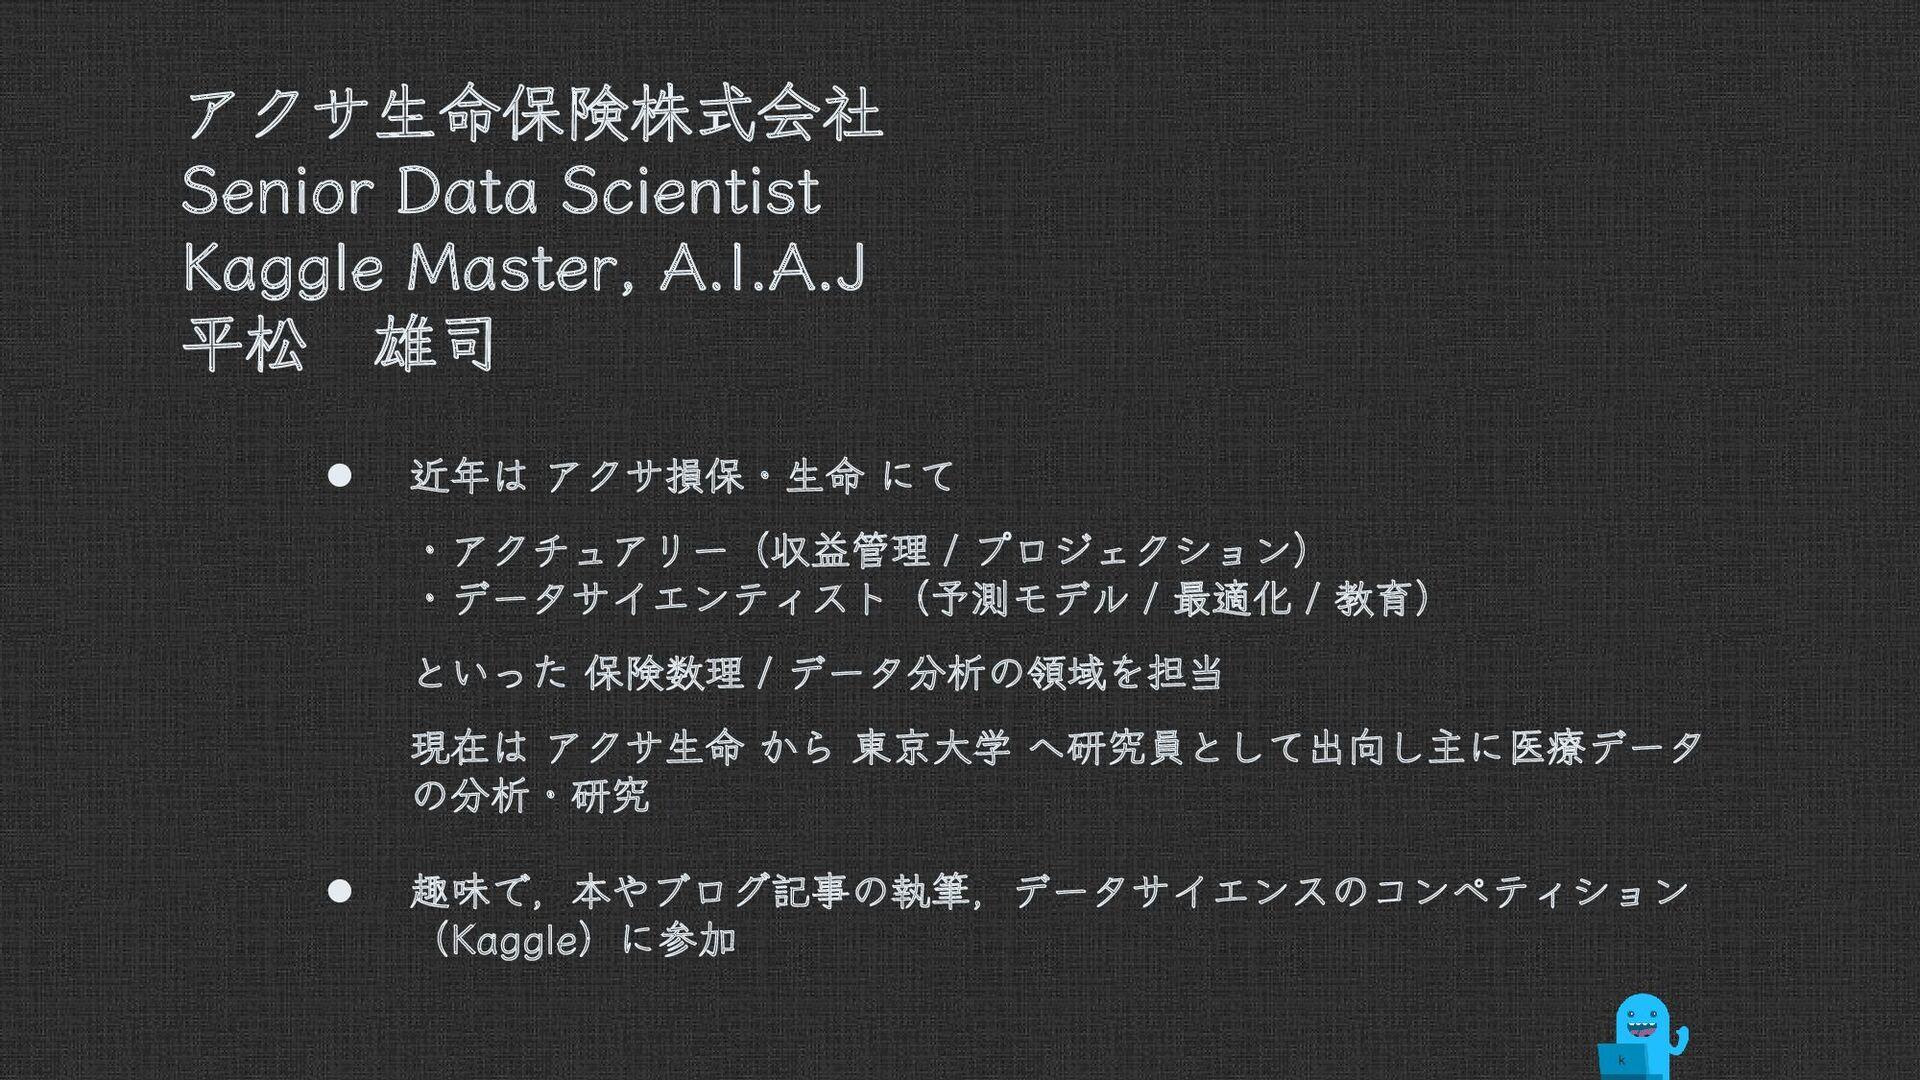 アクサ生命保険株式会社 シニア データサイエンティスト Kaggle Master, A.I....